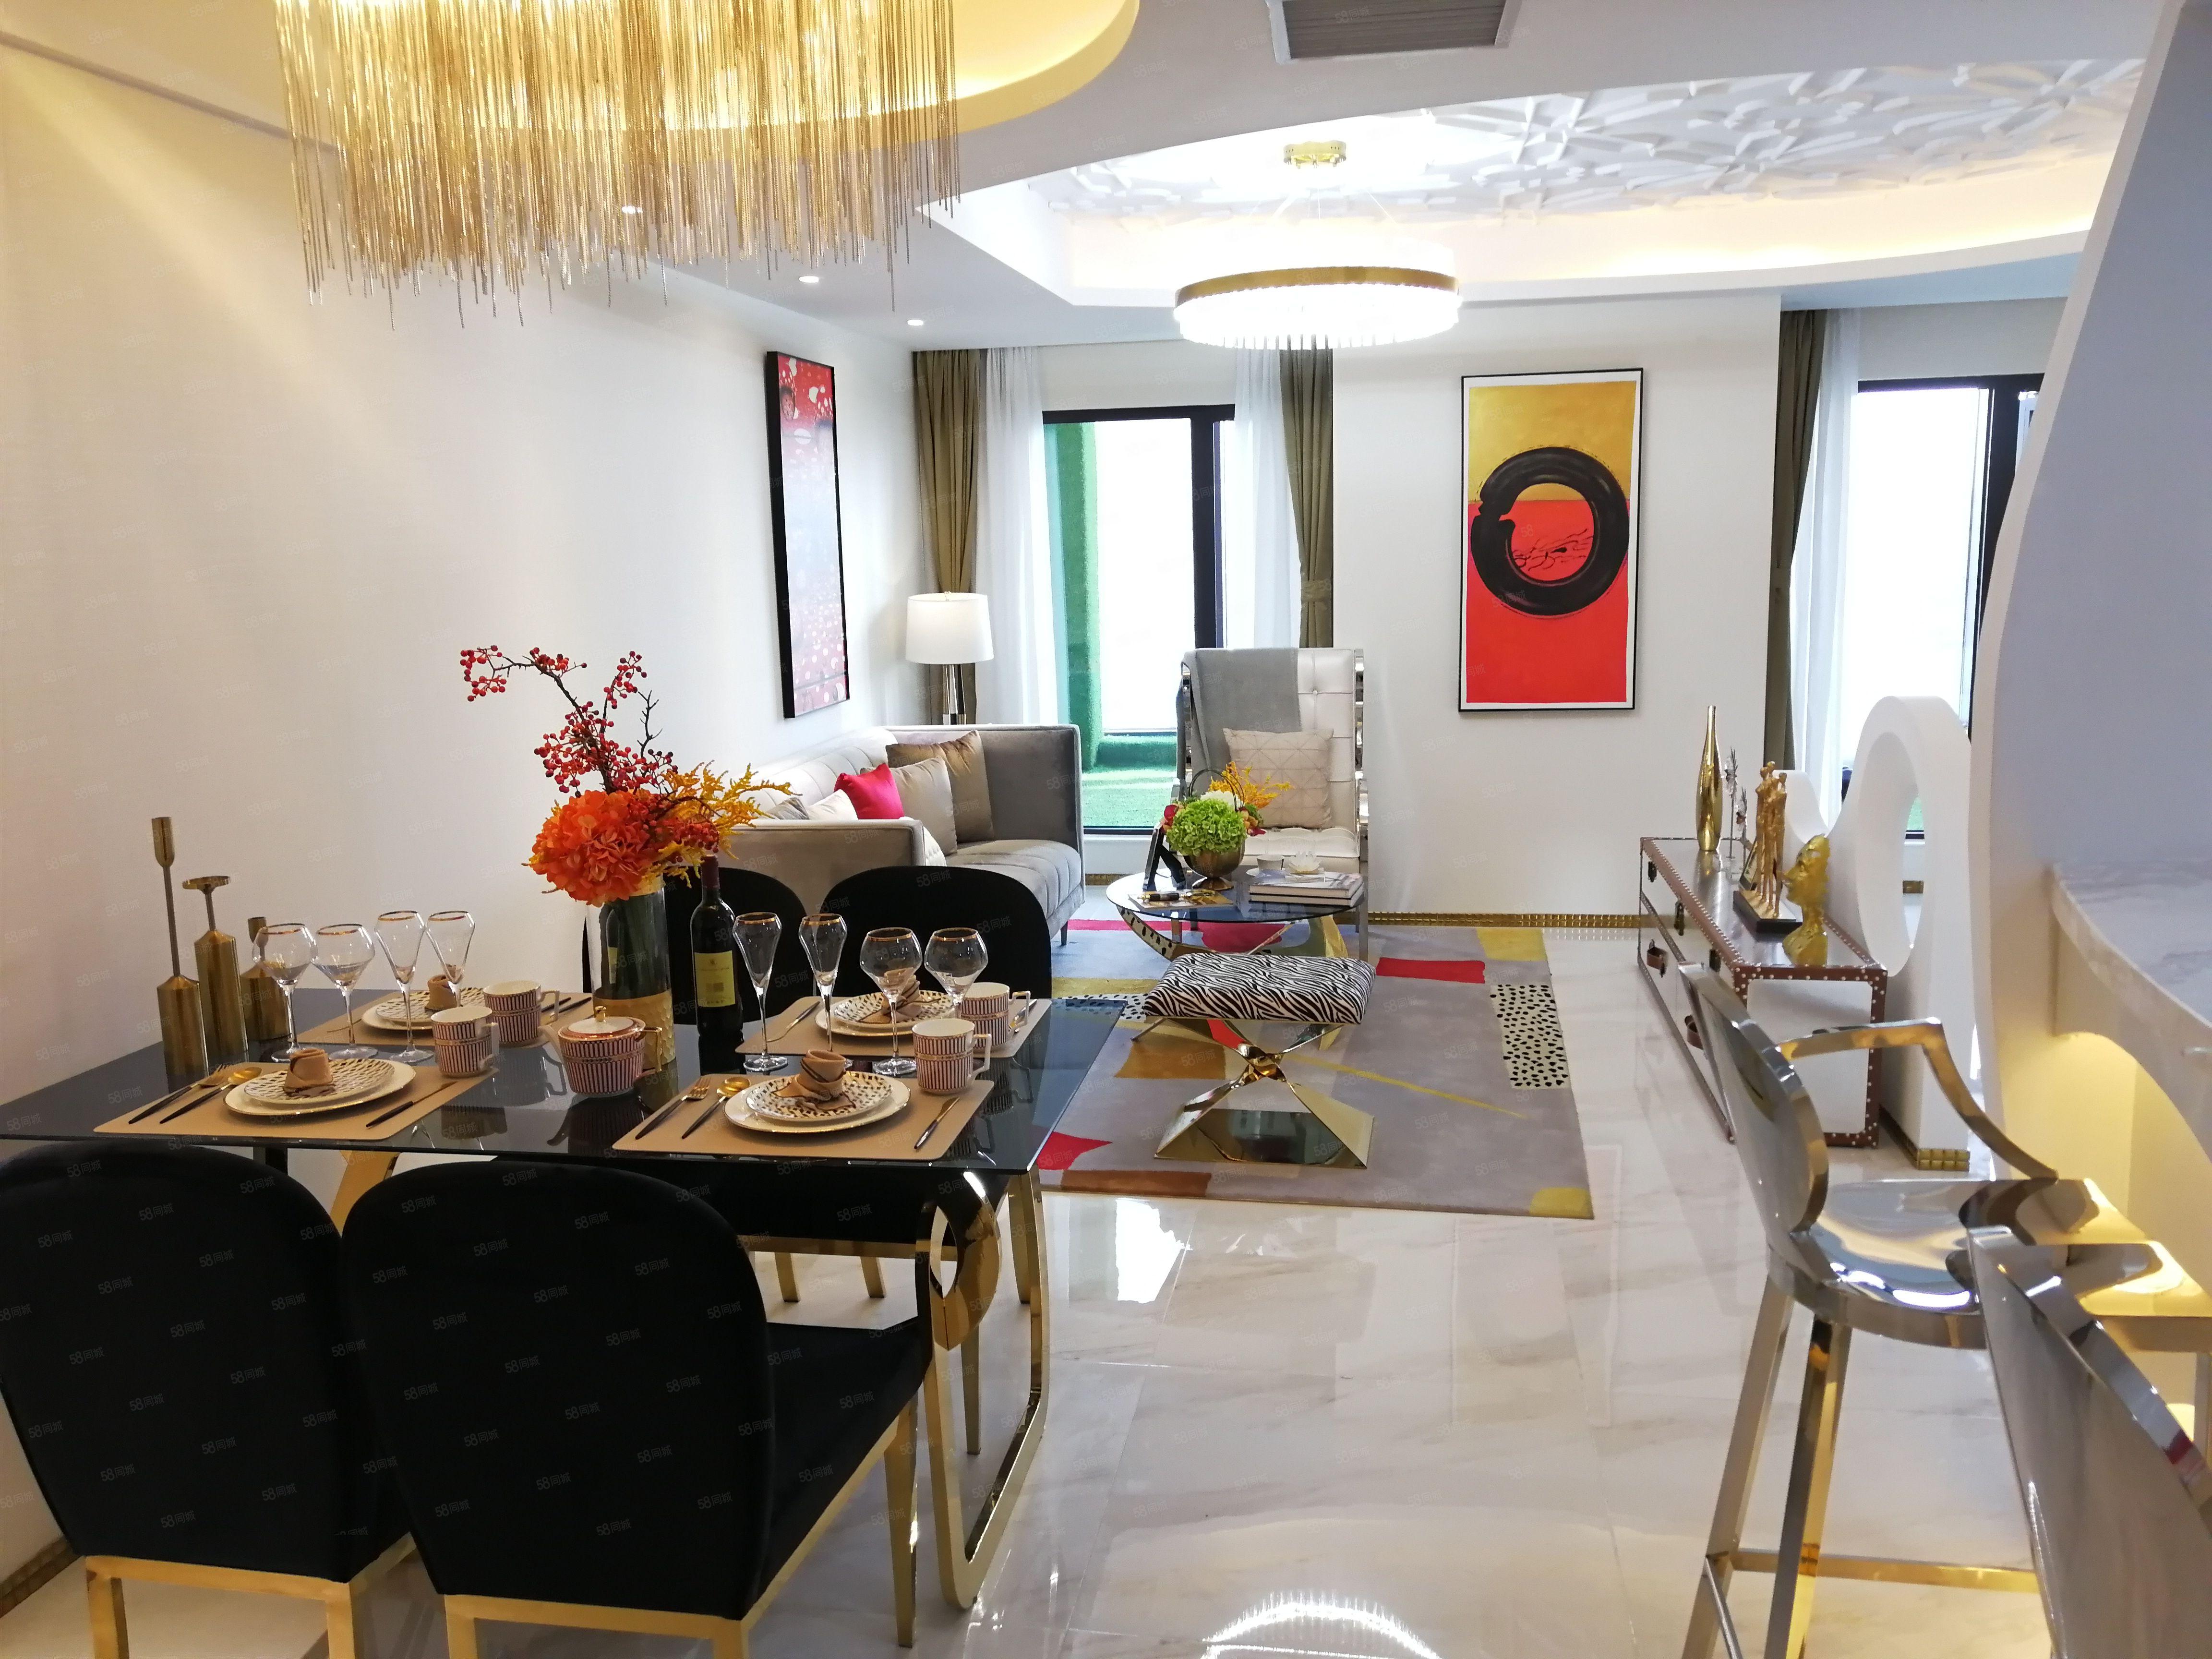 圣桦名城5.3米挑高复式小公寓,5000?#40644;?#31859;,看房享团购价